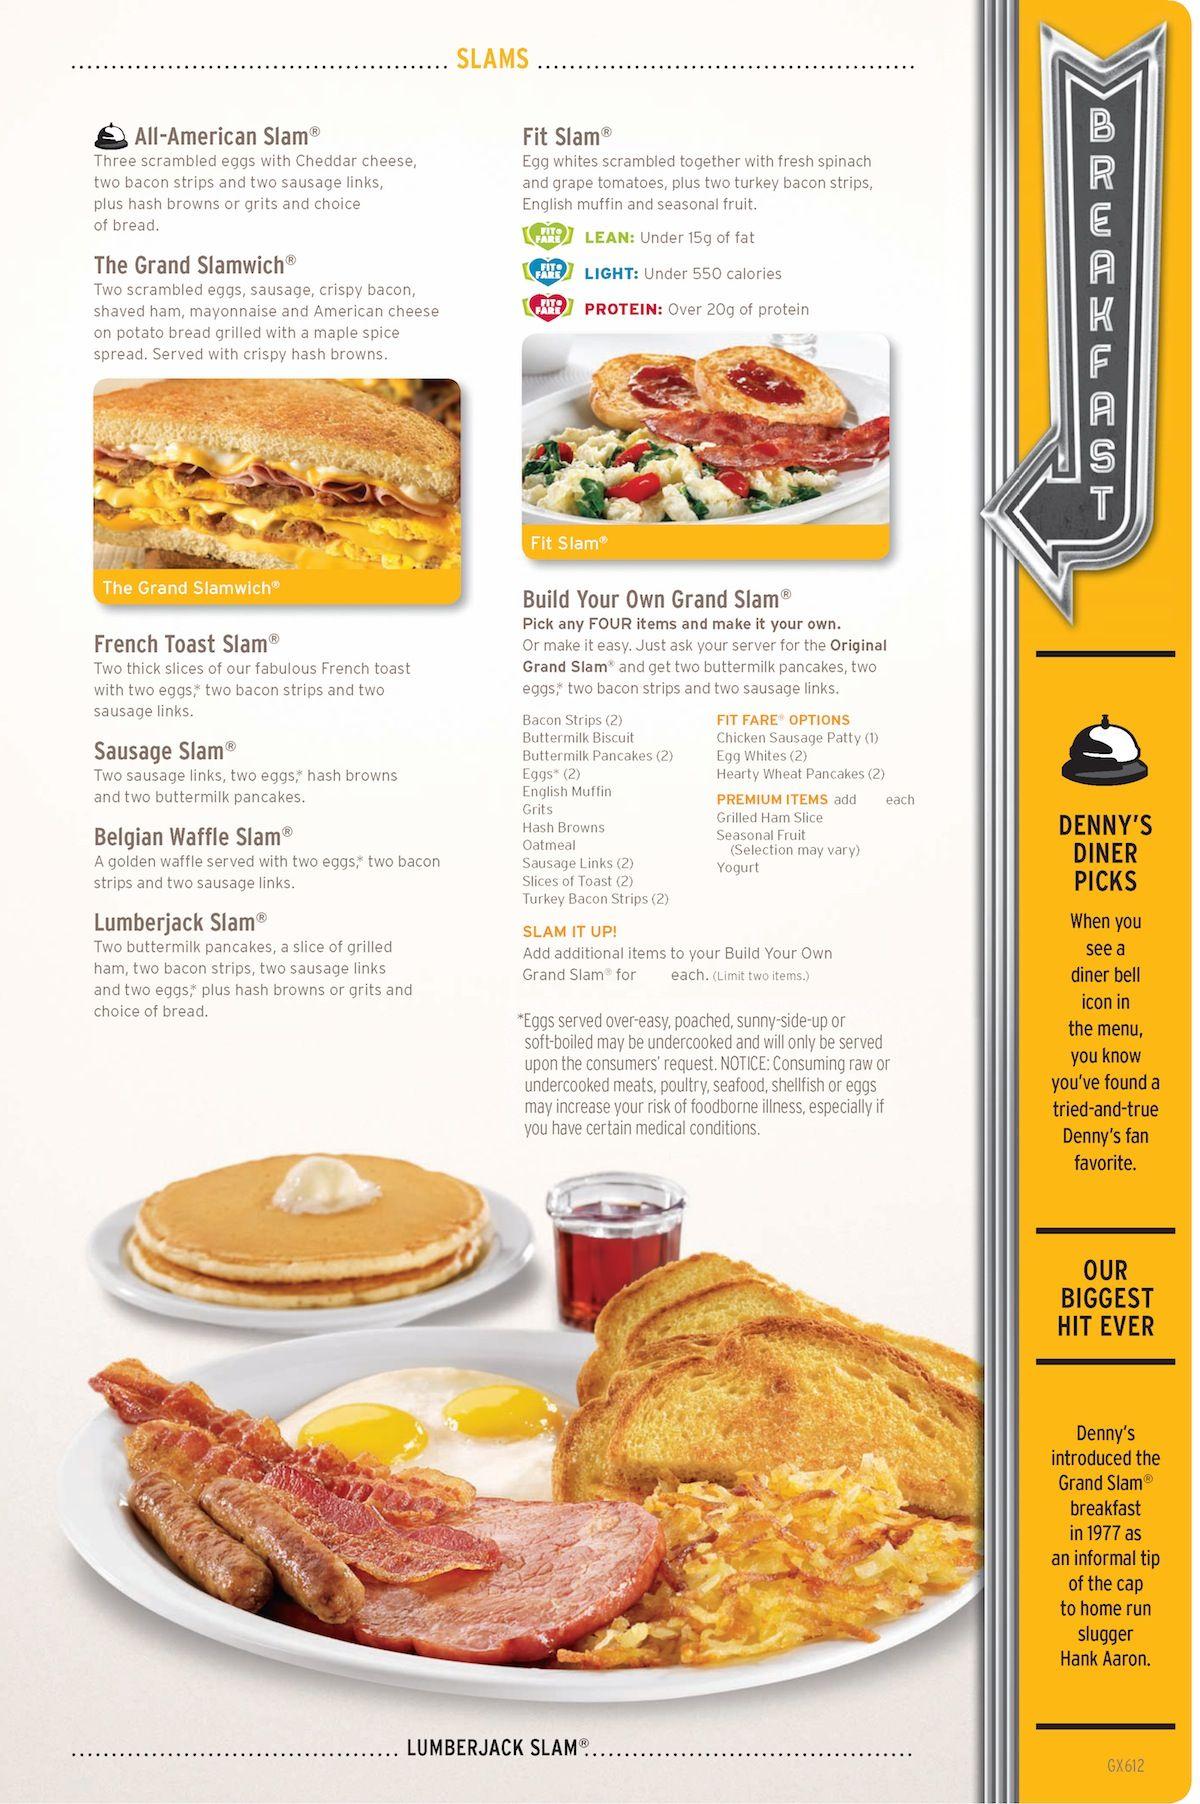 Souvent Denny's Slams menu • dennys.com | Menu Design | Pinterest  TW29